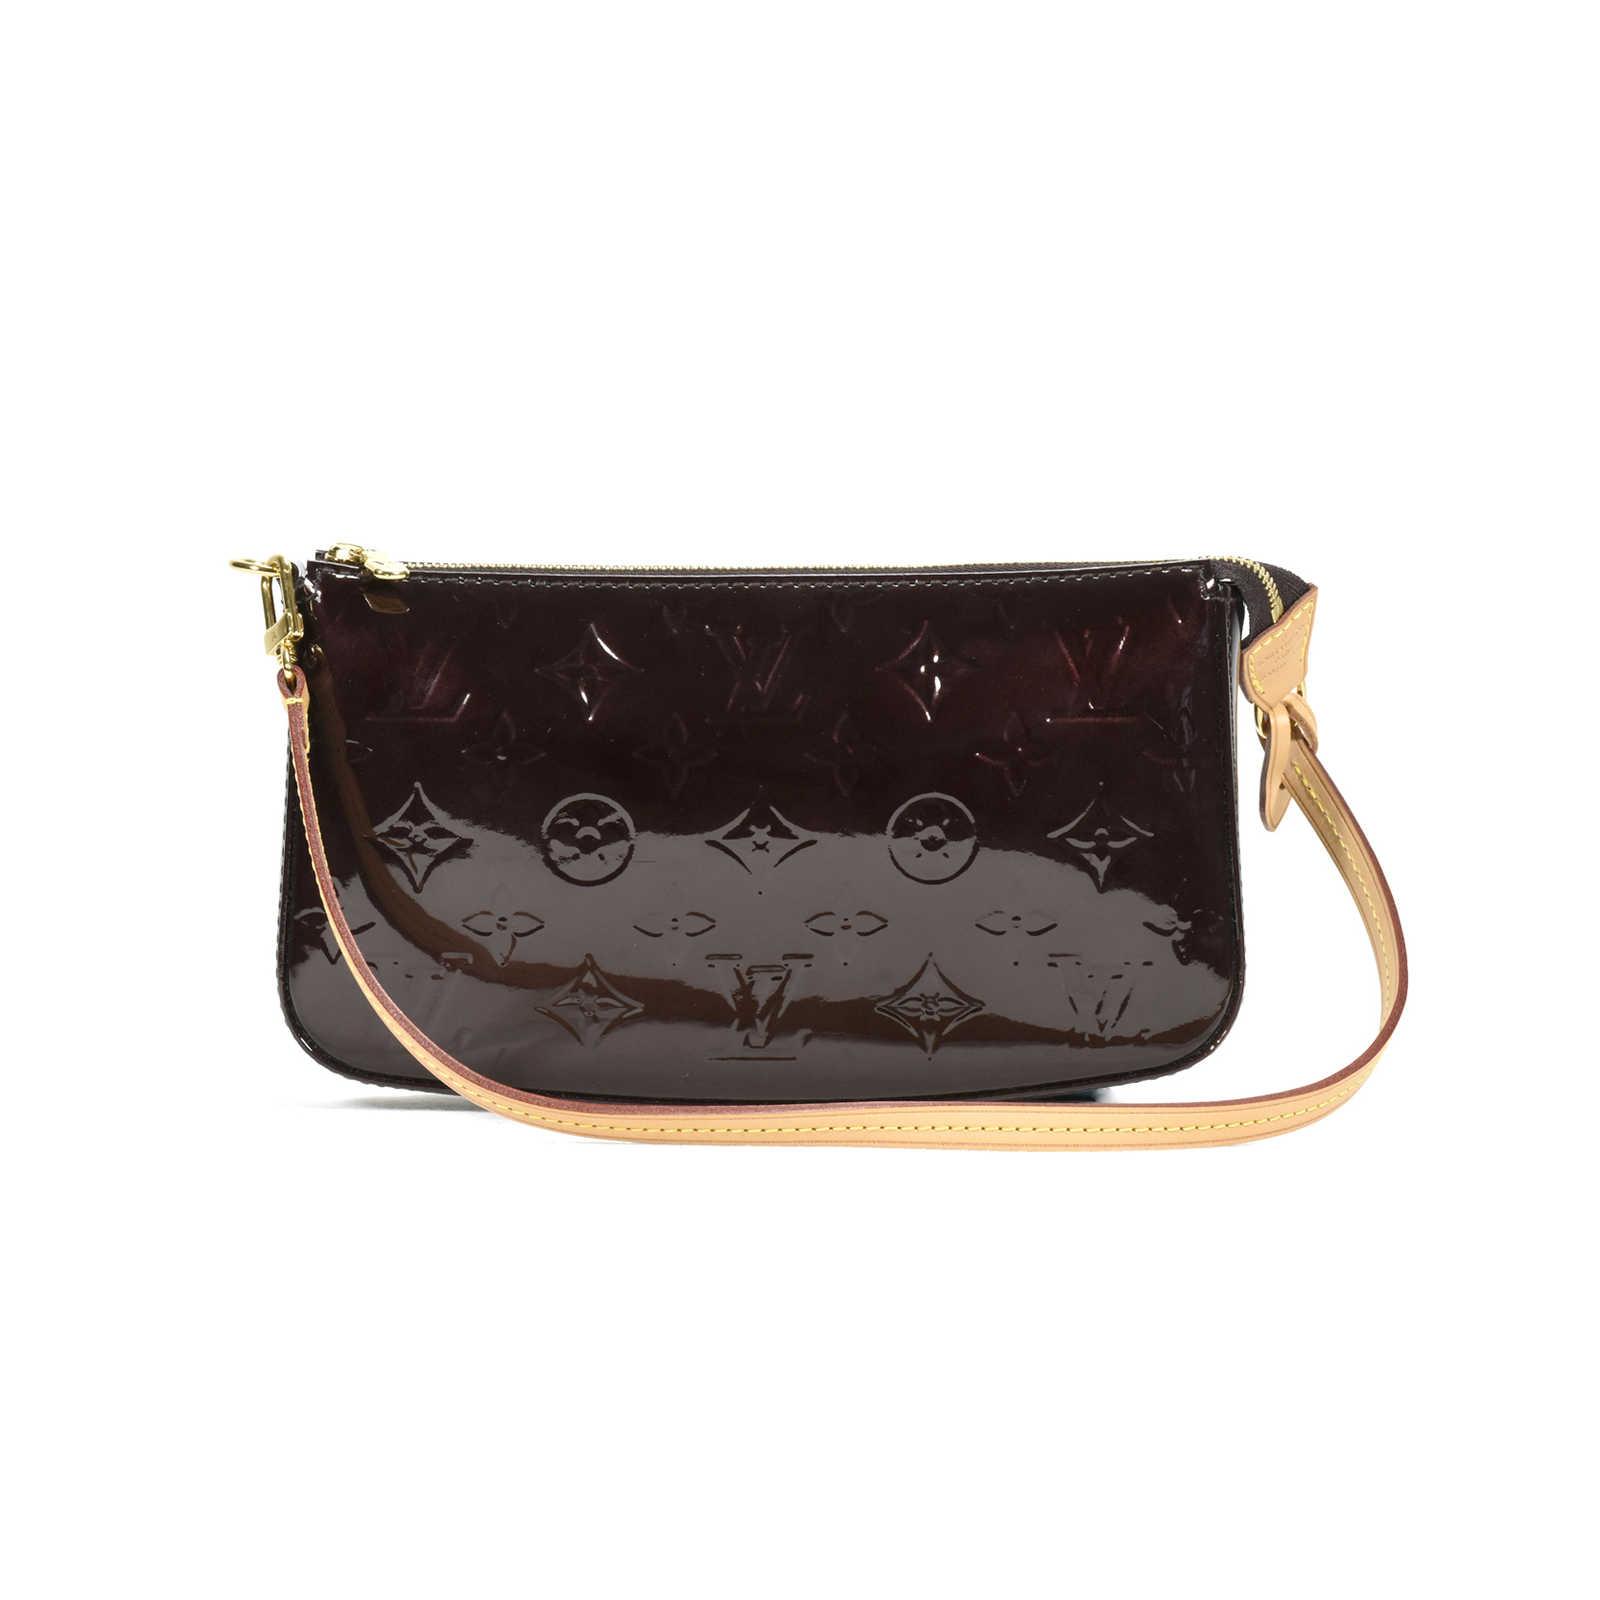 7d0d9c55ee49 Tap to expand · Authentic Second Hand Louis Vuitton Monogram Vernis  Pochette Bag (PSS-394-00006) ...